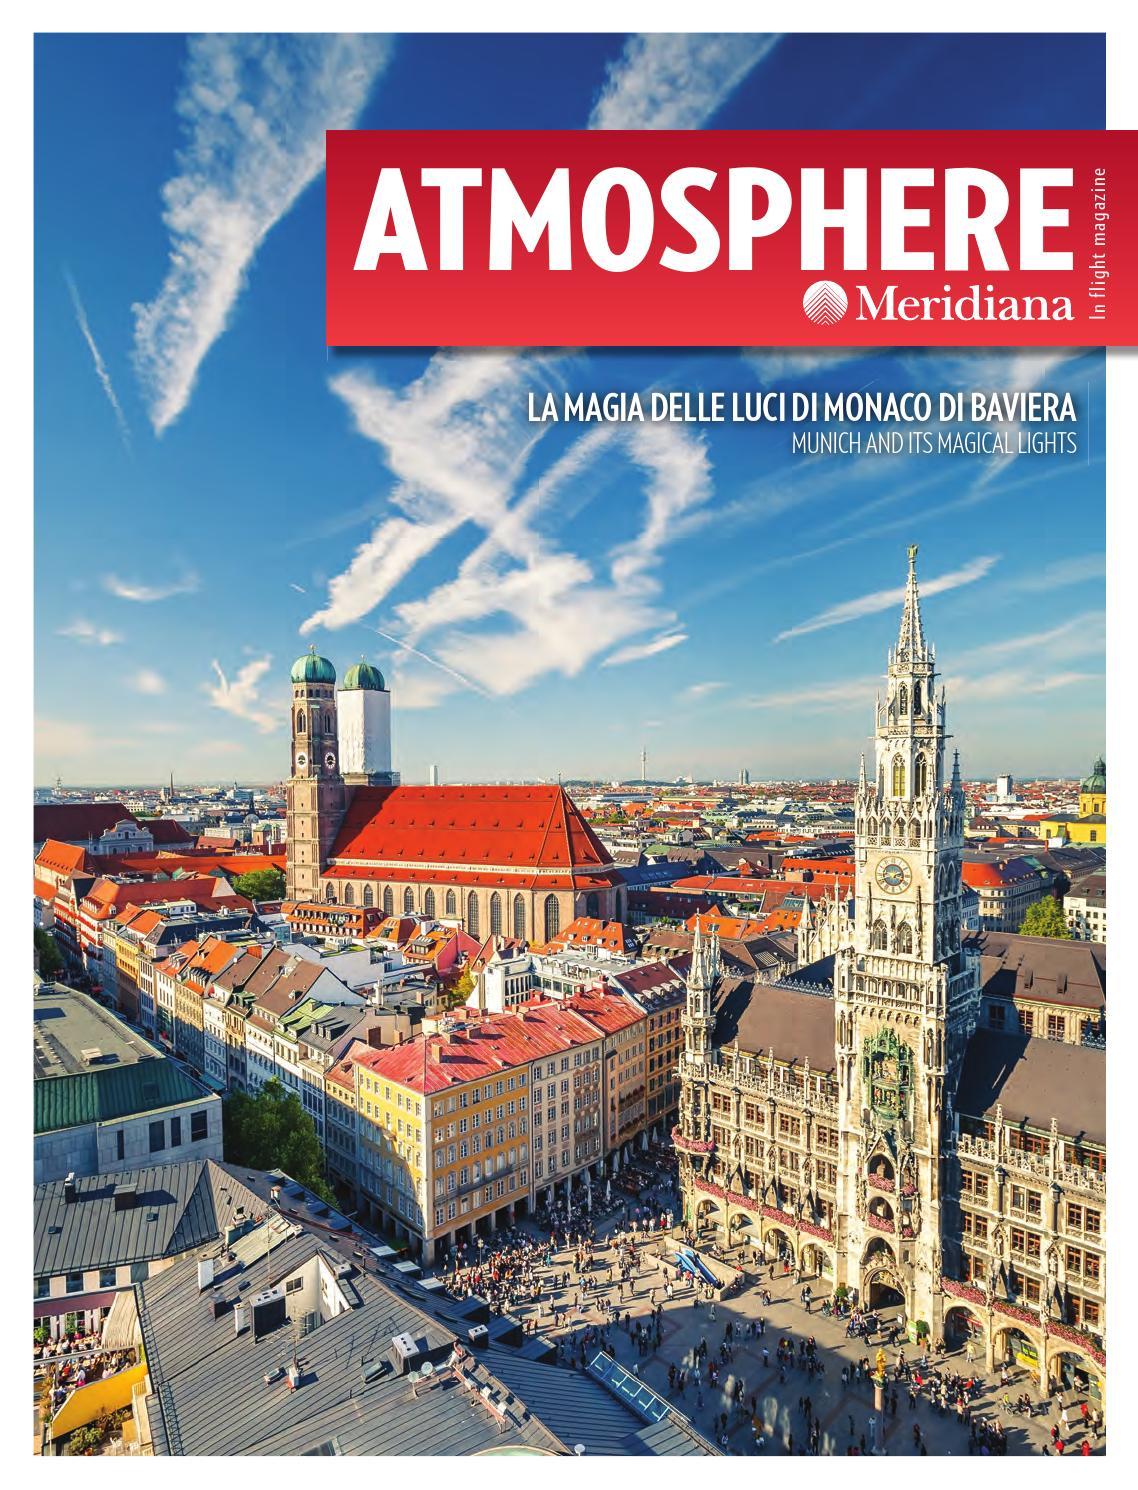 Velocità datazione Francoforte 36 Grad online dating Napoleon dinamite